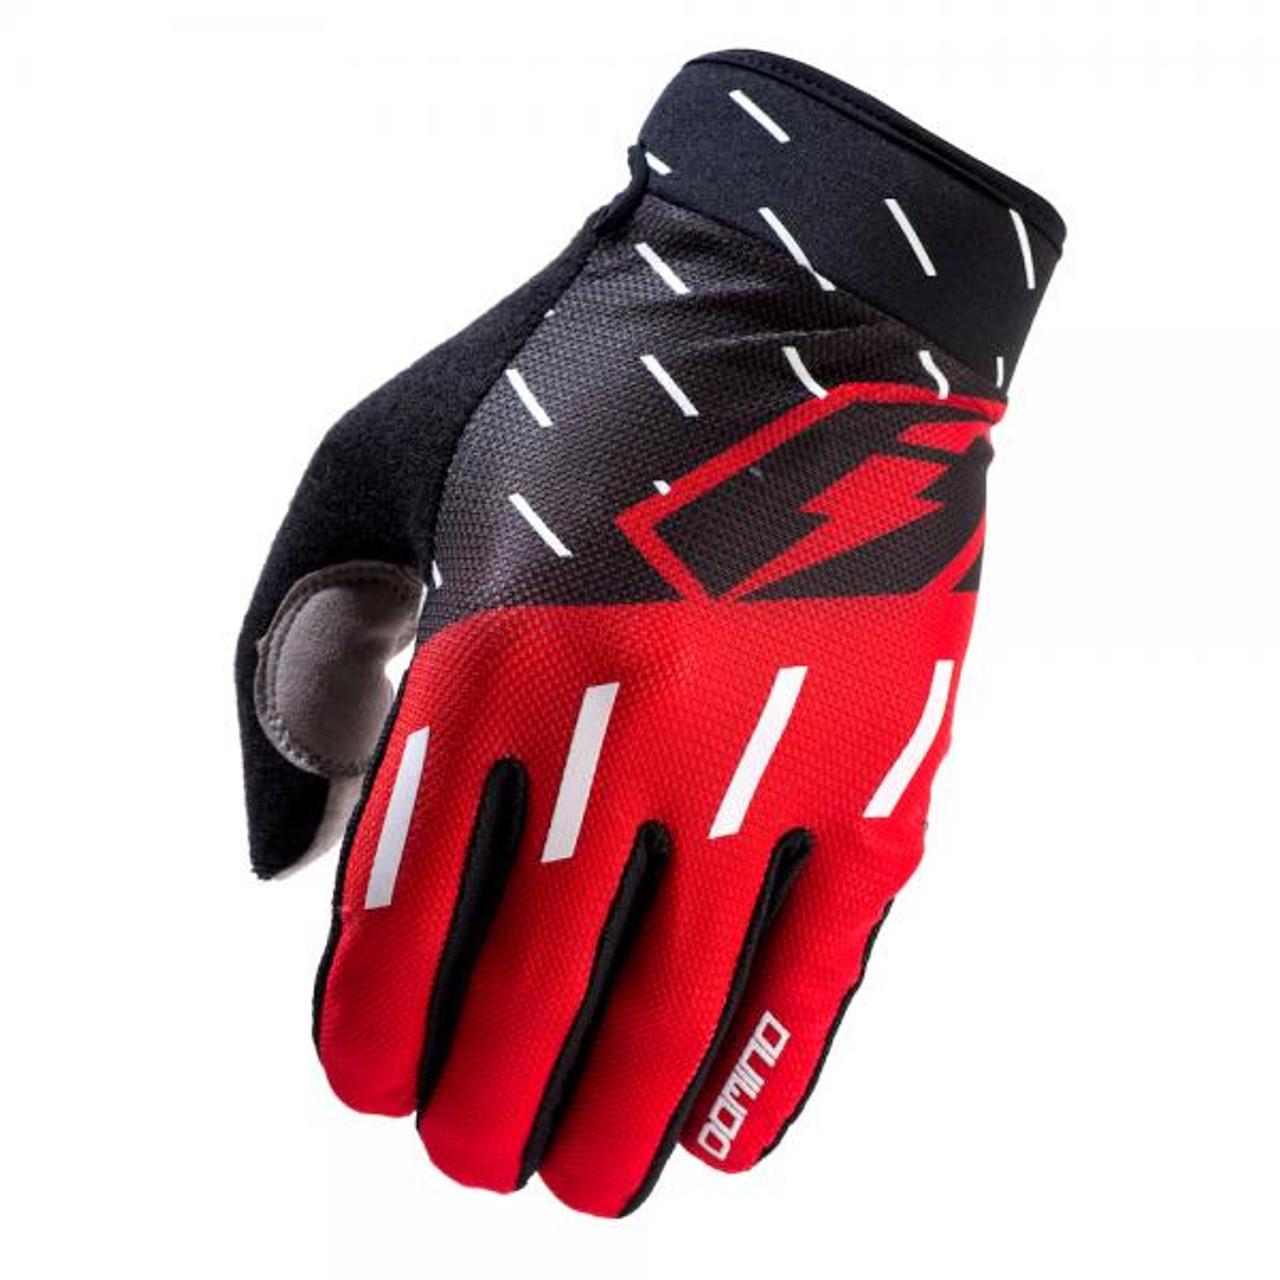 Gloves Domino, black/ red/ white